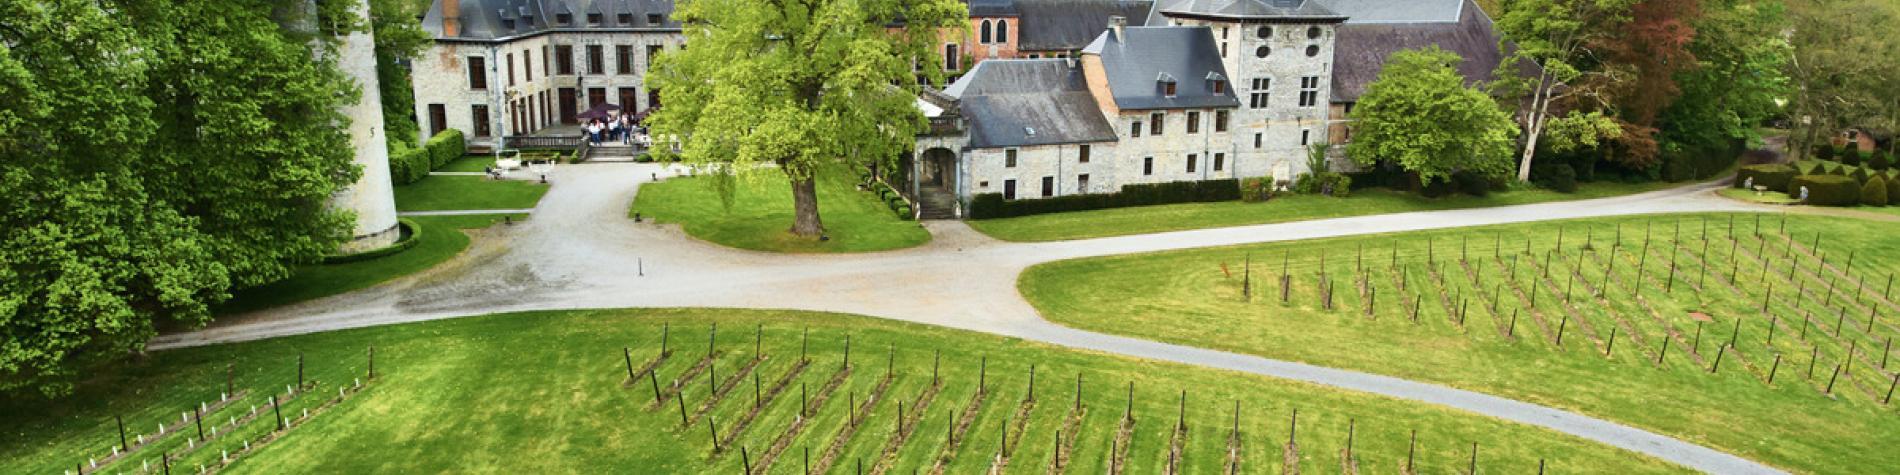 Château de Bioul - Discover Belgium - Vins wallons